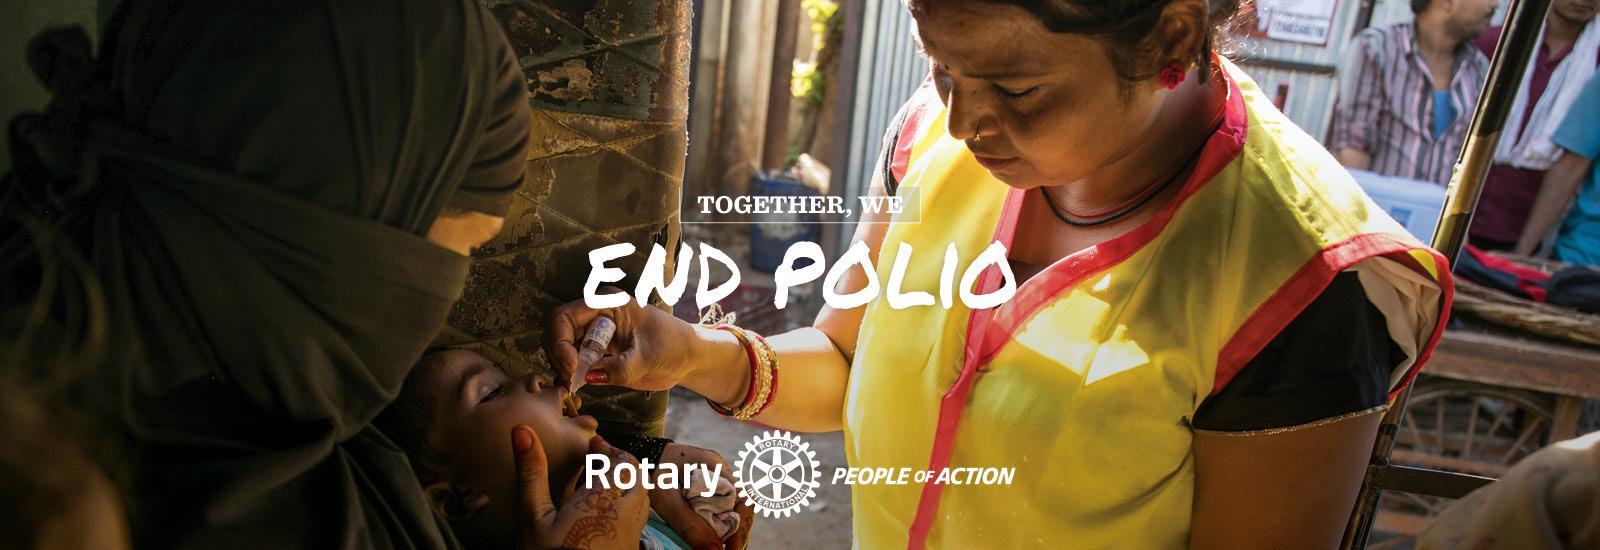 14643_Together_We_End_Polio_Digital_horizontal_banner_ORIGINAL.jpg